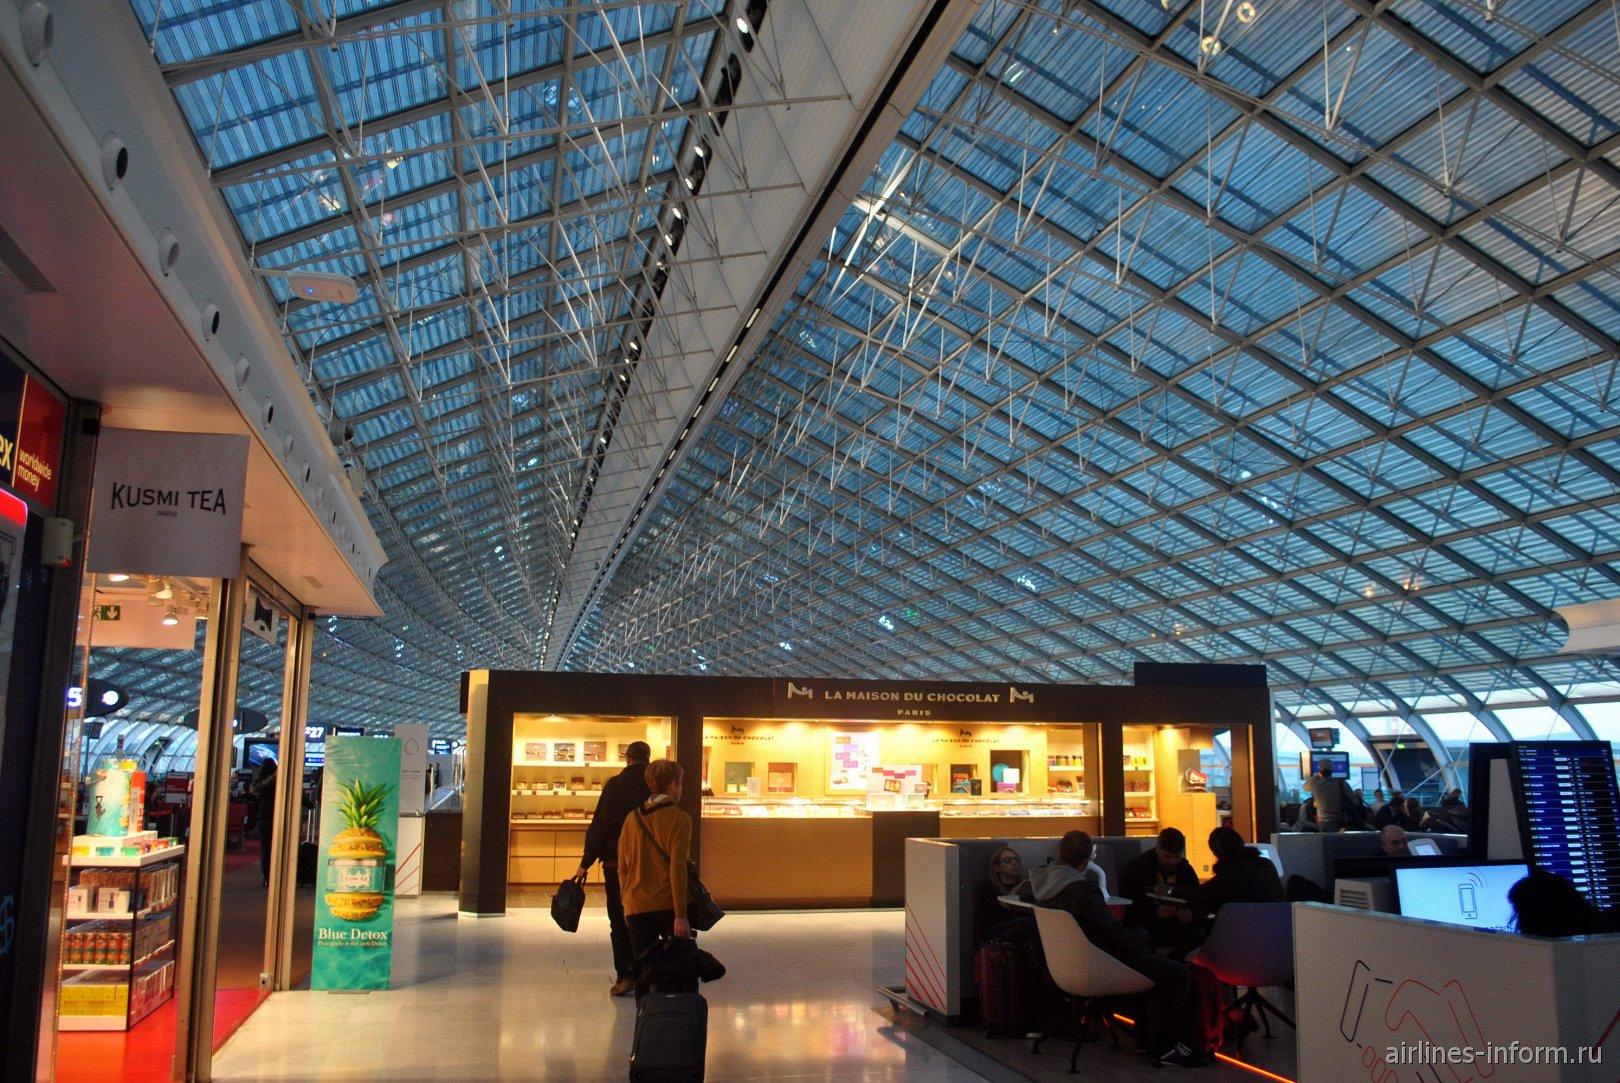 В конкорсе F терминала 2 аэропорта Париж Шарль-де-Голль